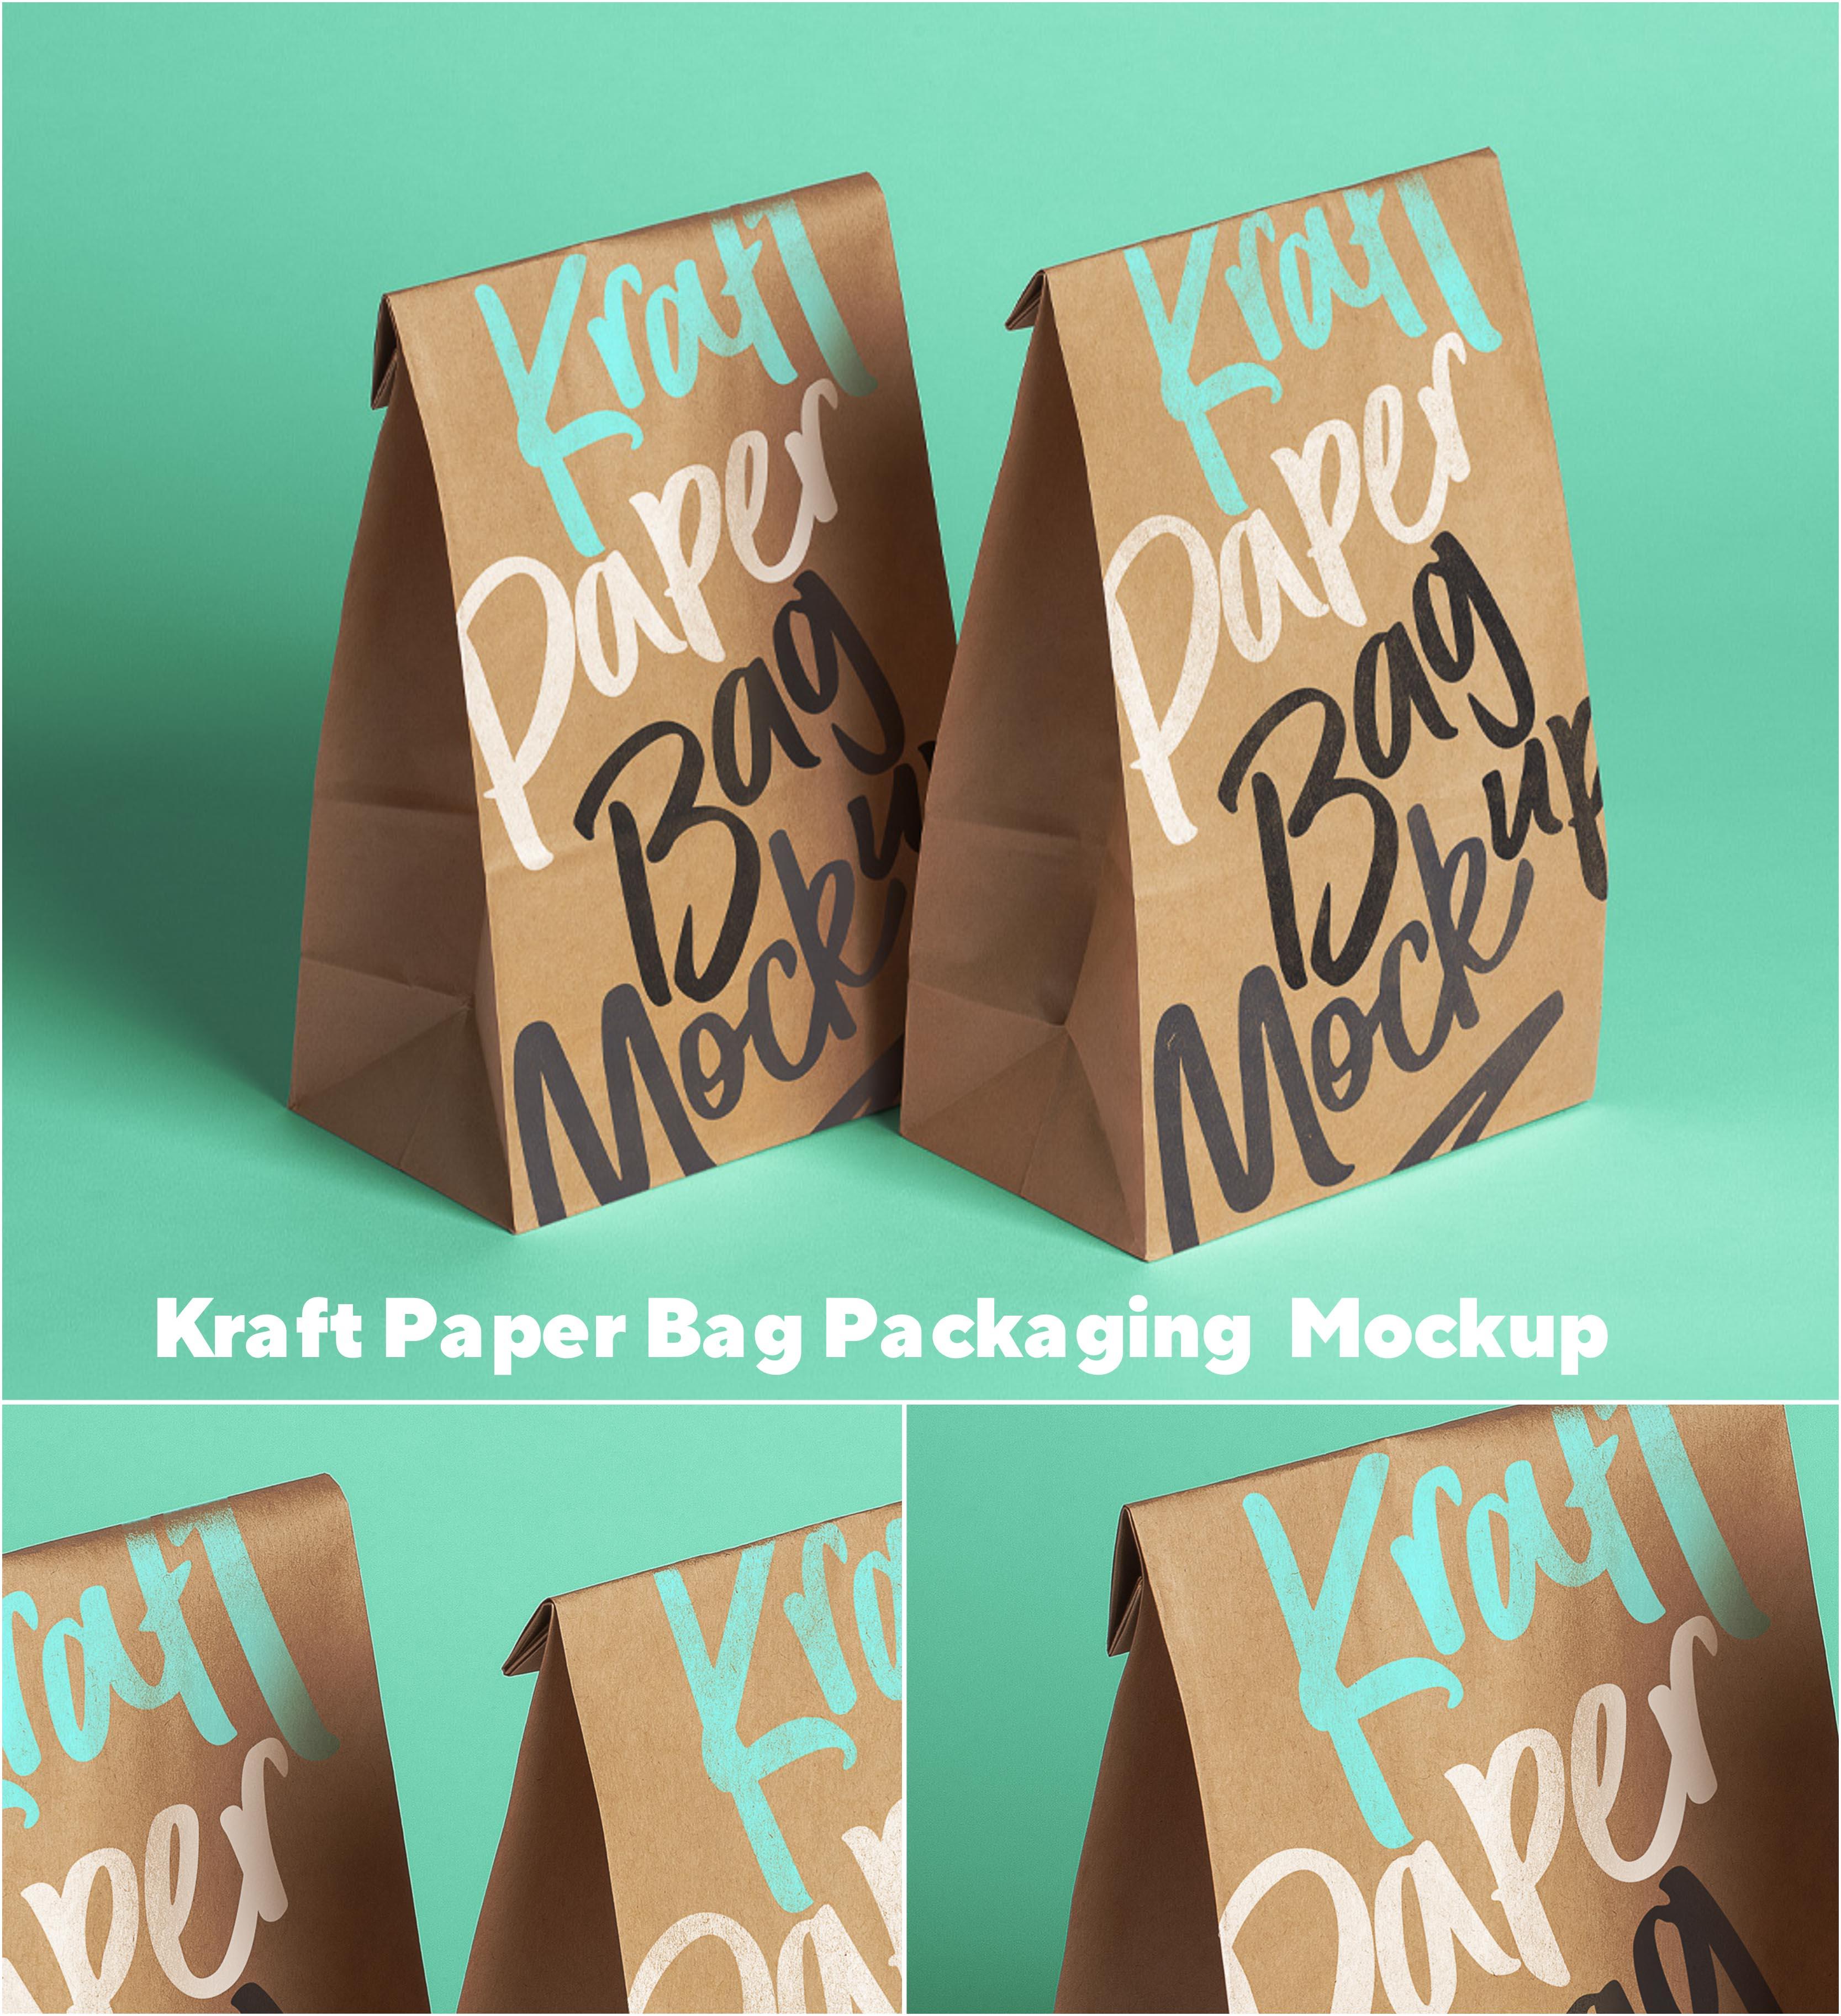 Kraft Paper Food Packaging Mockup